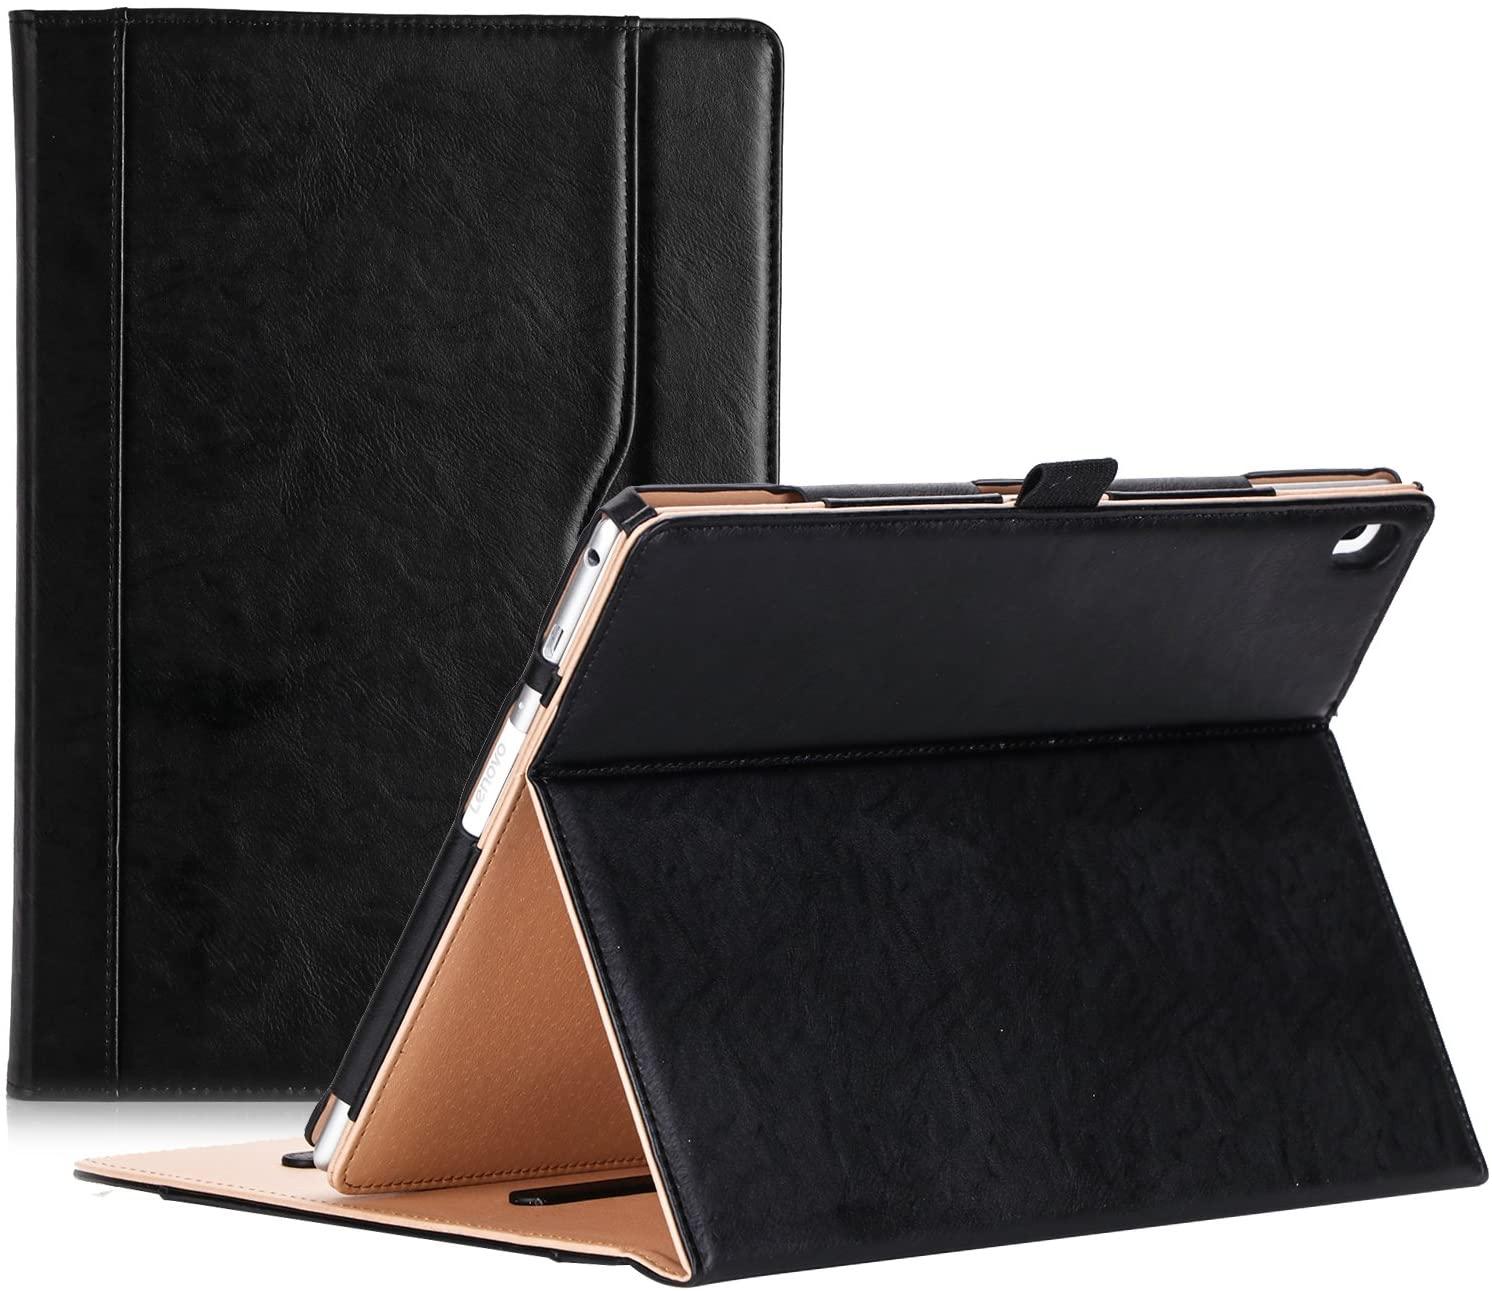 ProCase Lenovo Tab 4 10 Case - Stand Folio Case Protective Cover for Lenovo Tab 4 Tablet 10.1 Inch 2017 Release ZA2J0007US -Black